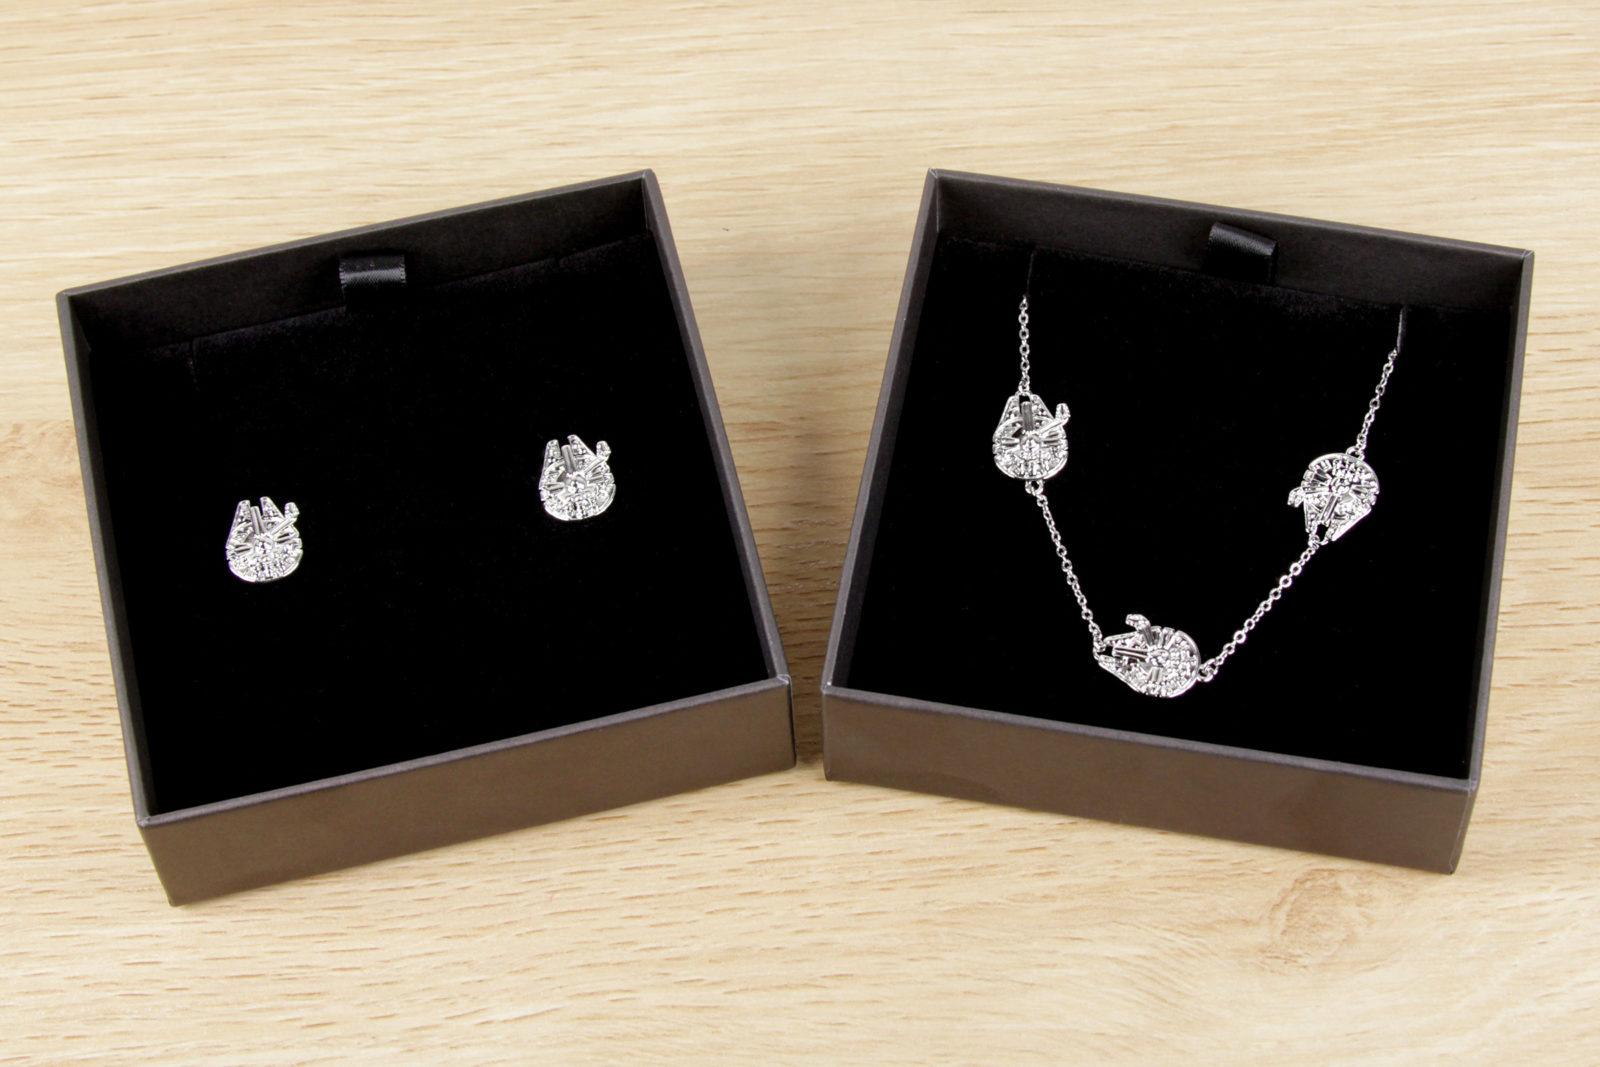 Couture Kingdom - Millennium Falcon Jewelry